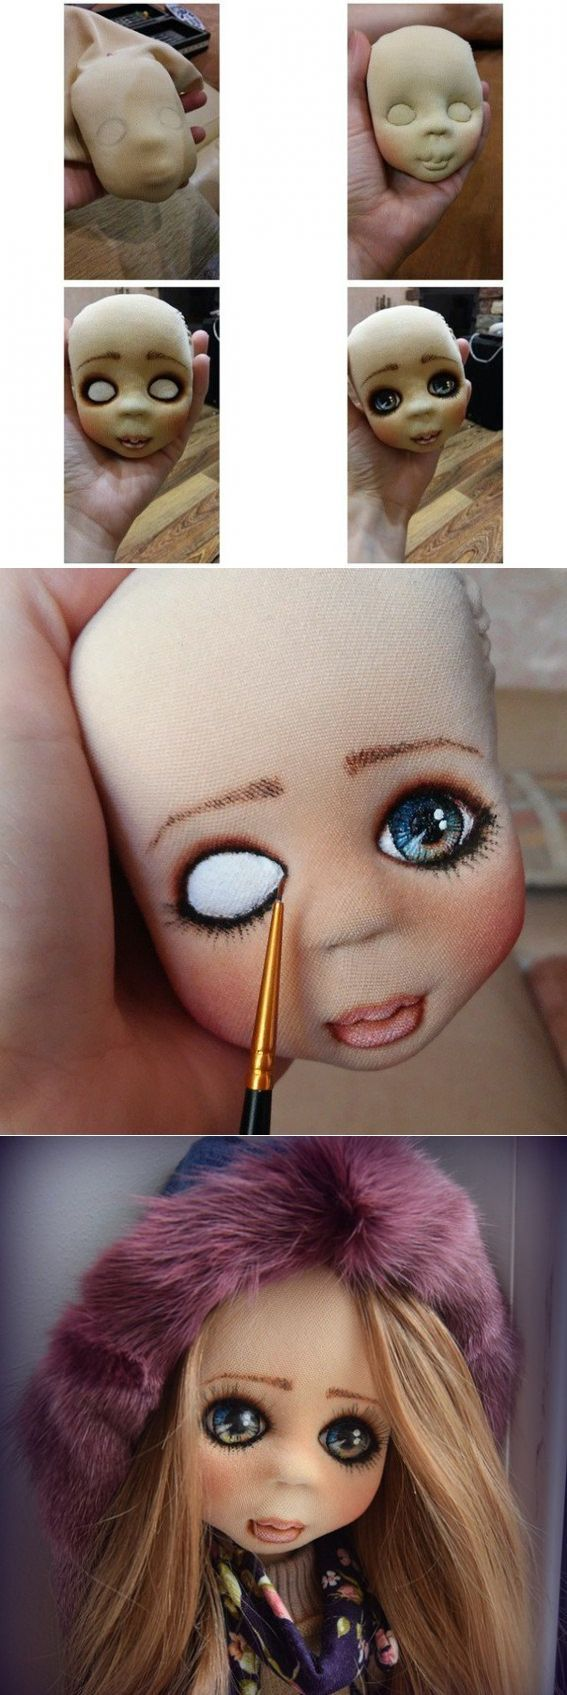 Процессы создания объёмного лица текстильной куклы | куклы, игрушки 2 | Постила